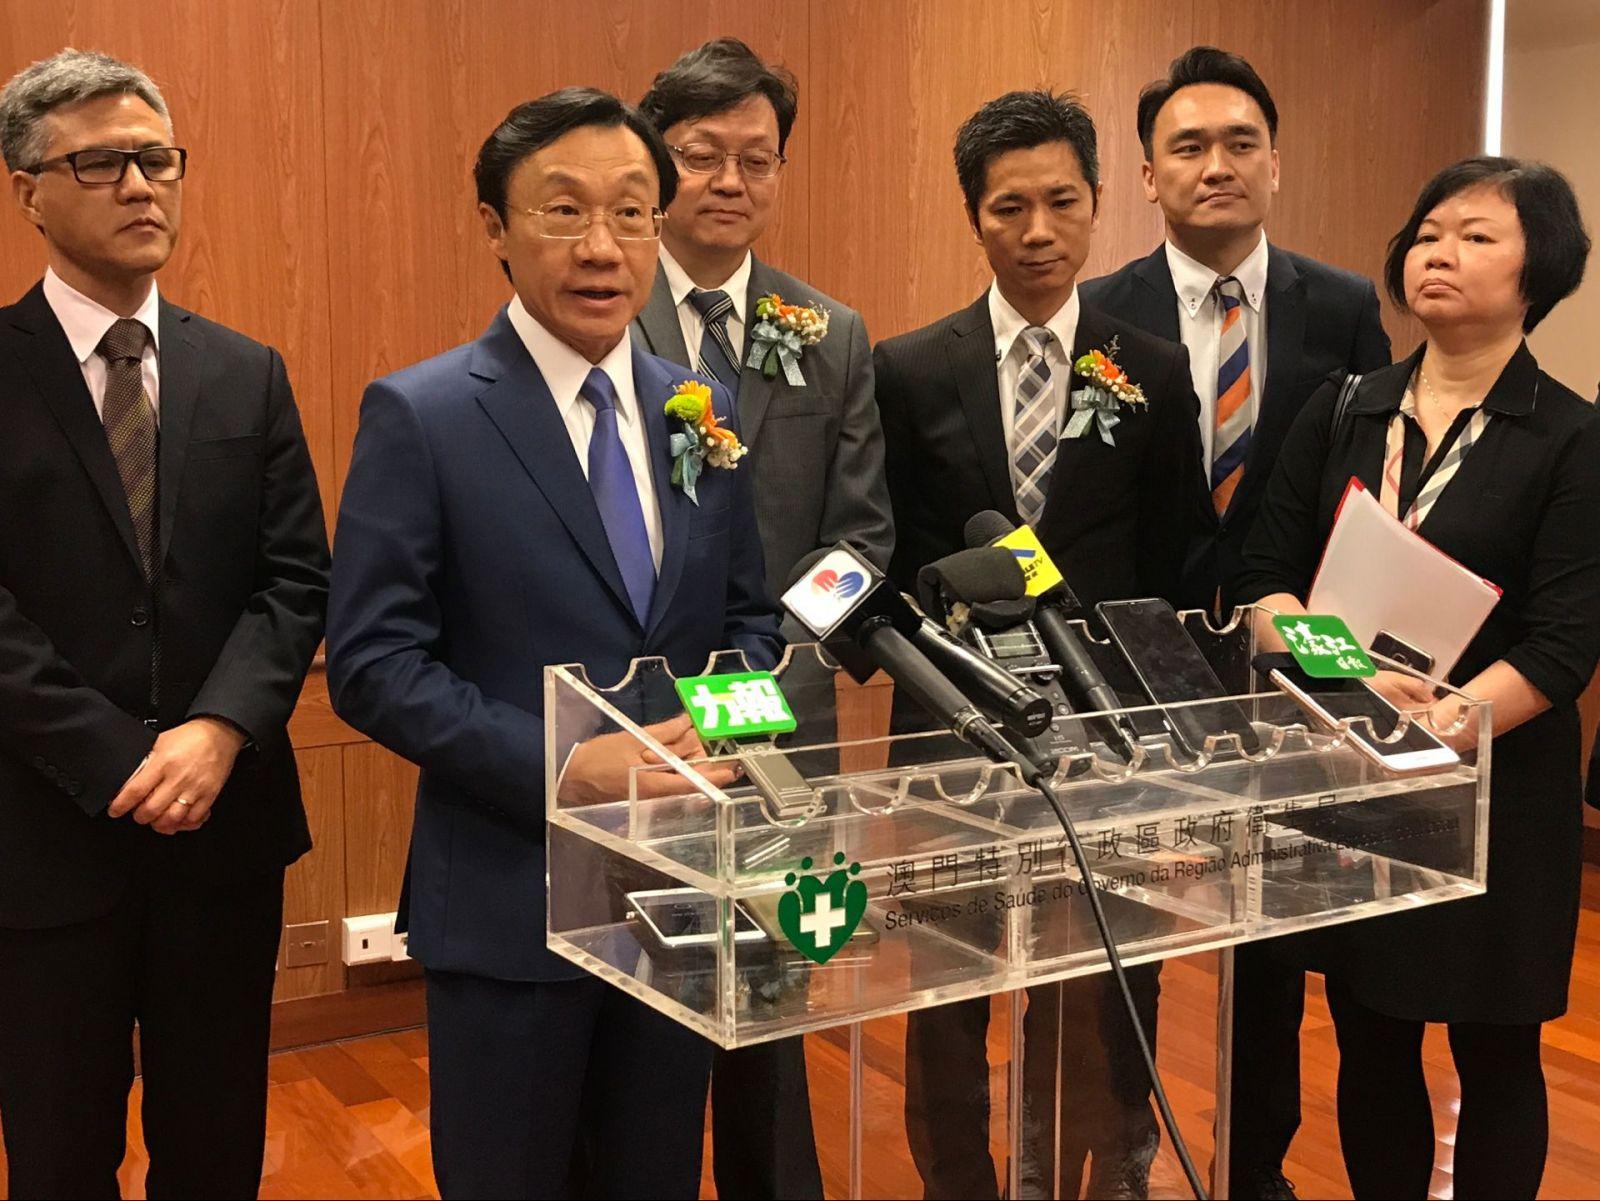 譚俊榮: 向特首提議發展「社文康體」之用